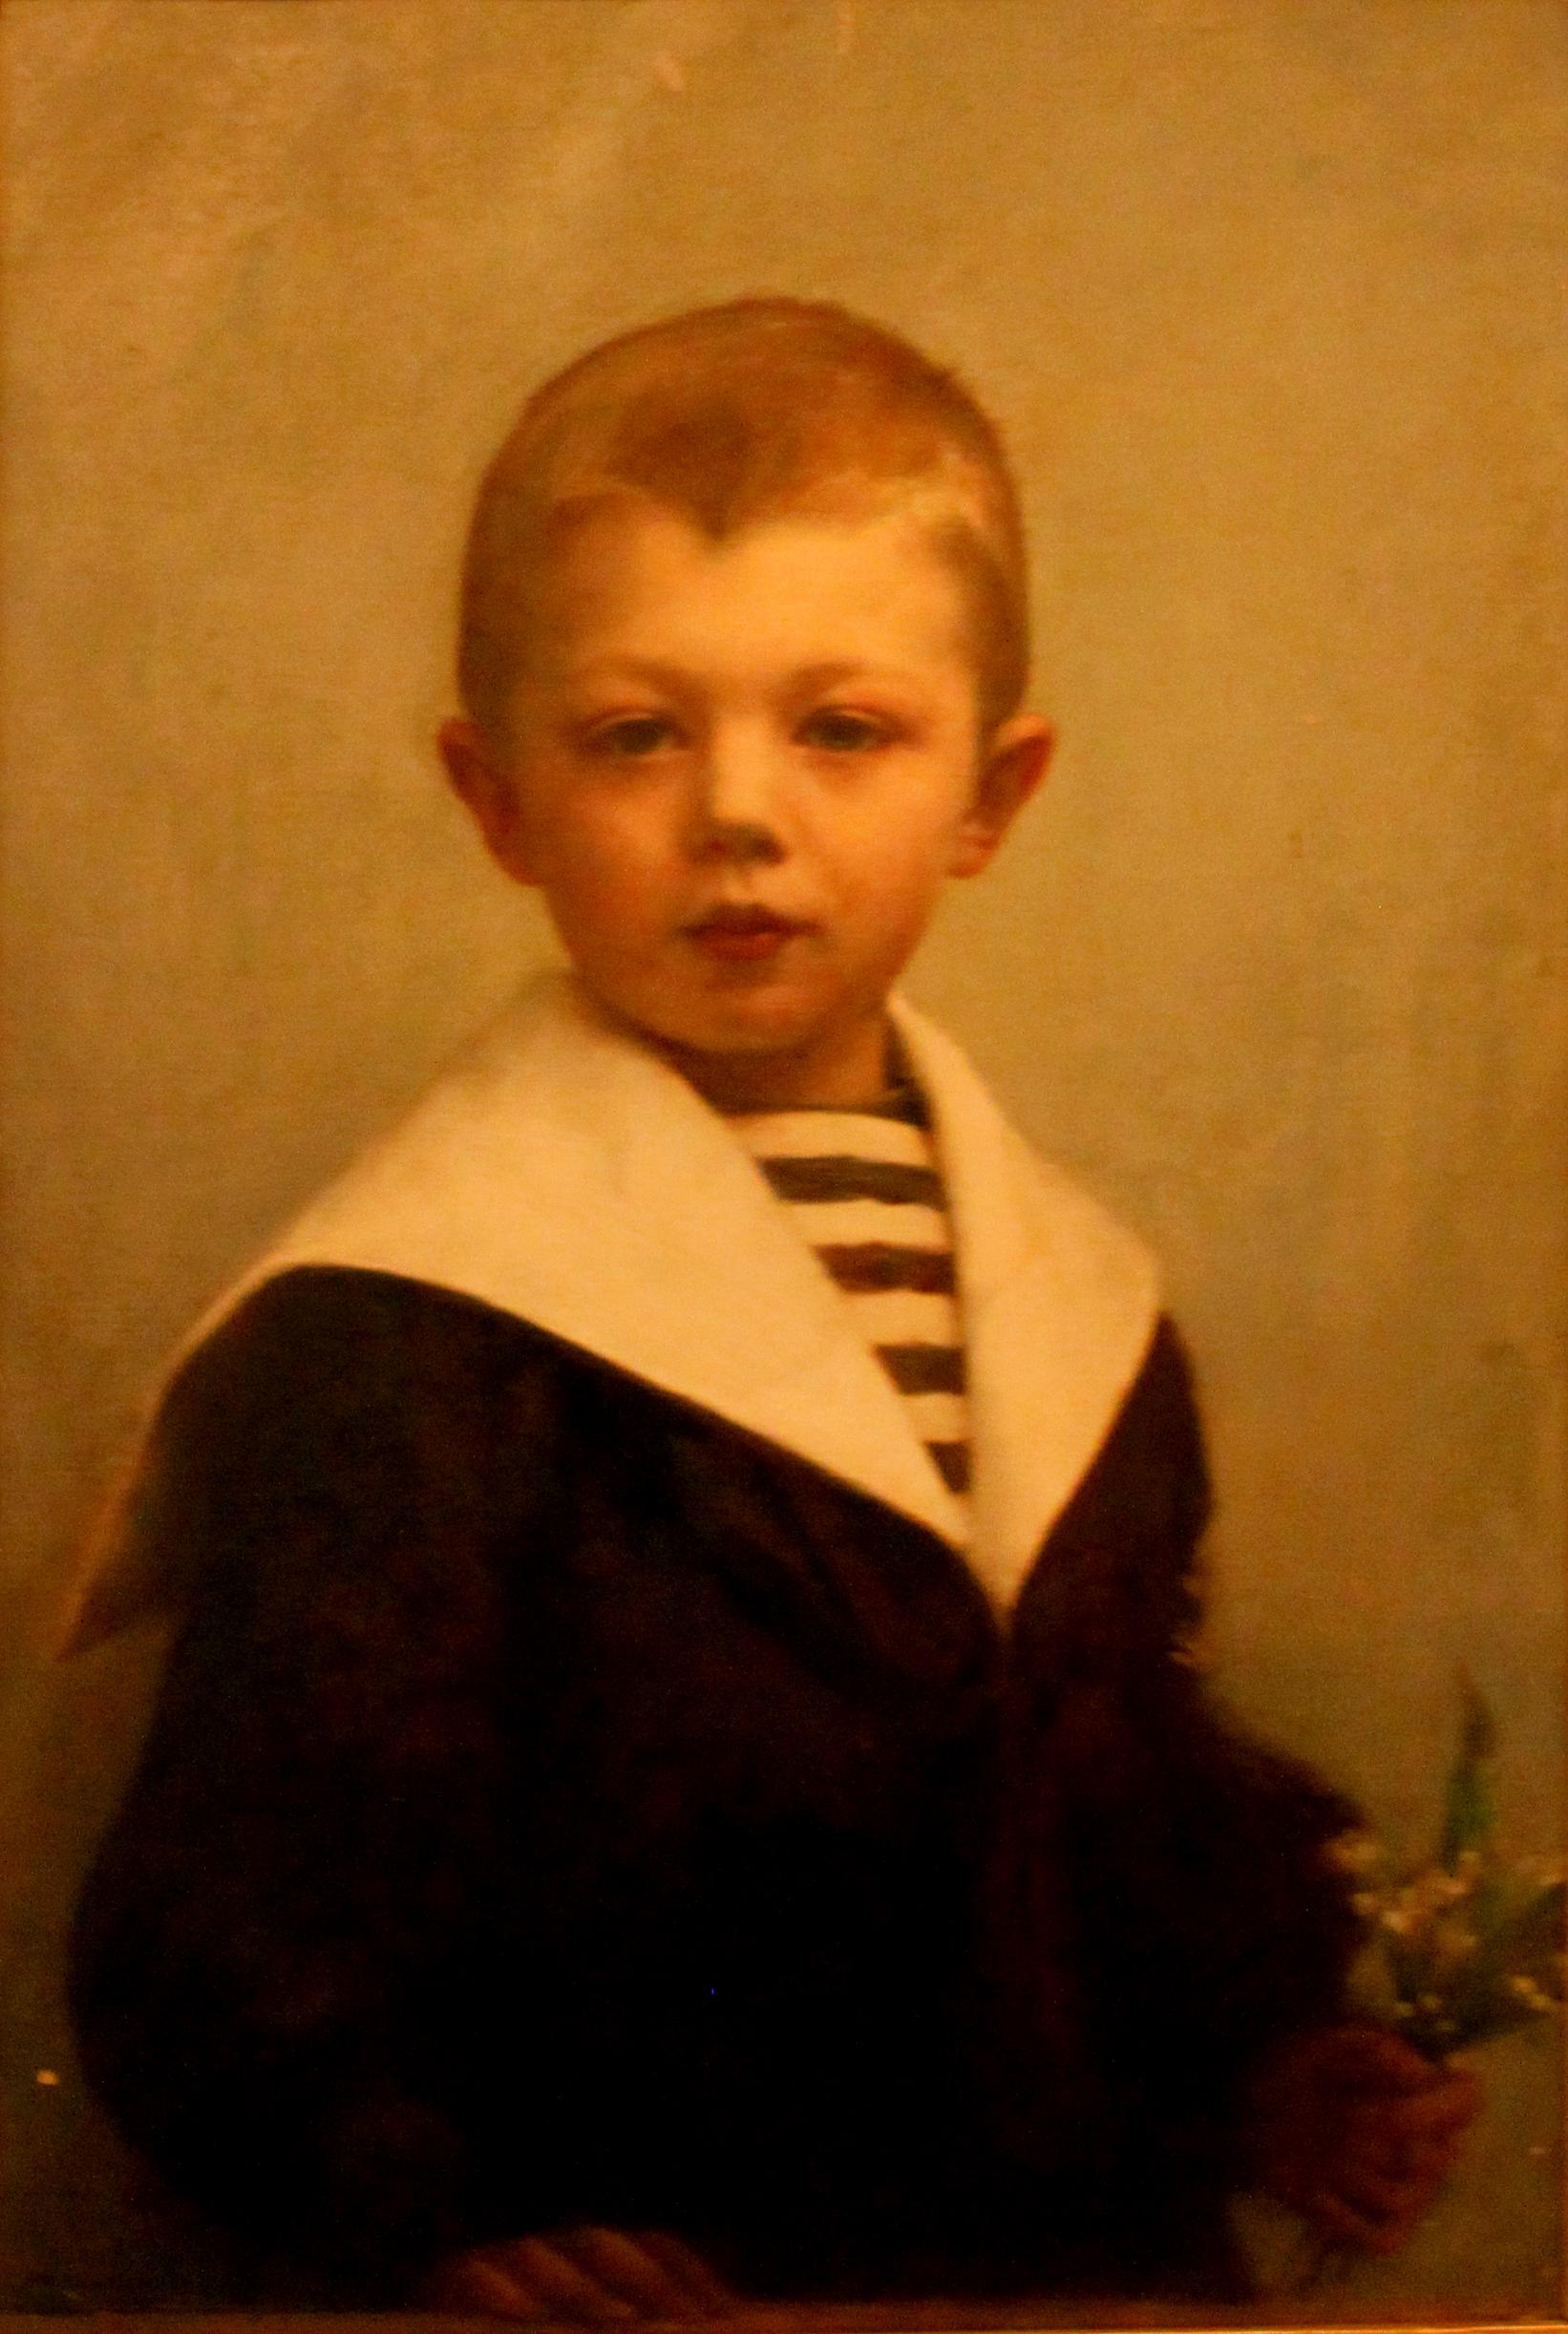 File:Pascal Dagnan-Bouveret - Portrait of a young boy.jpg ...